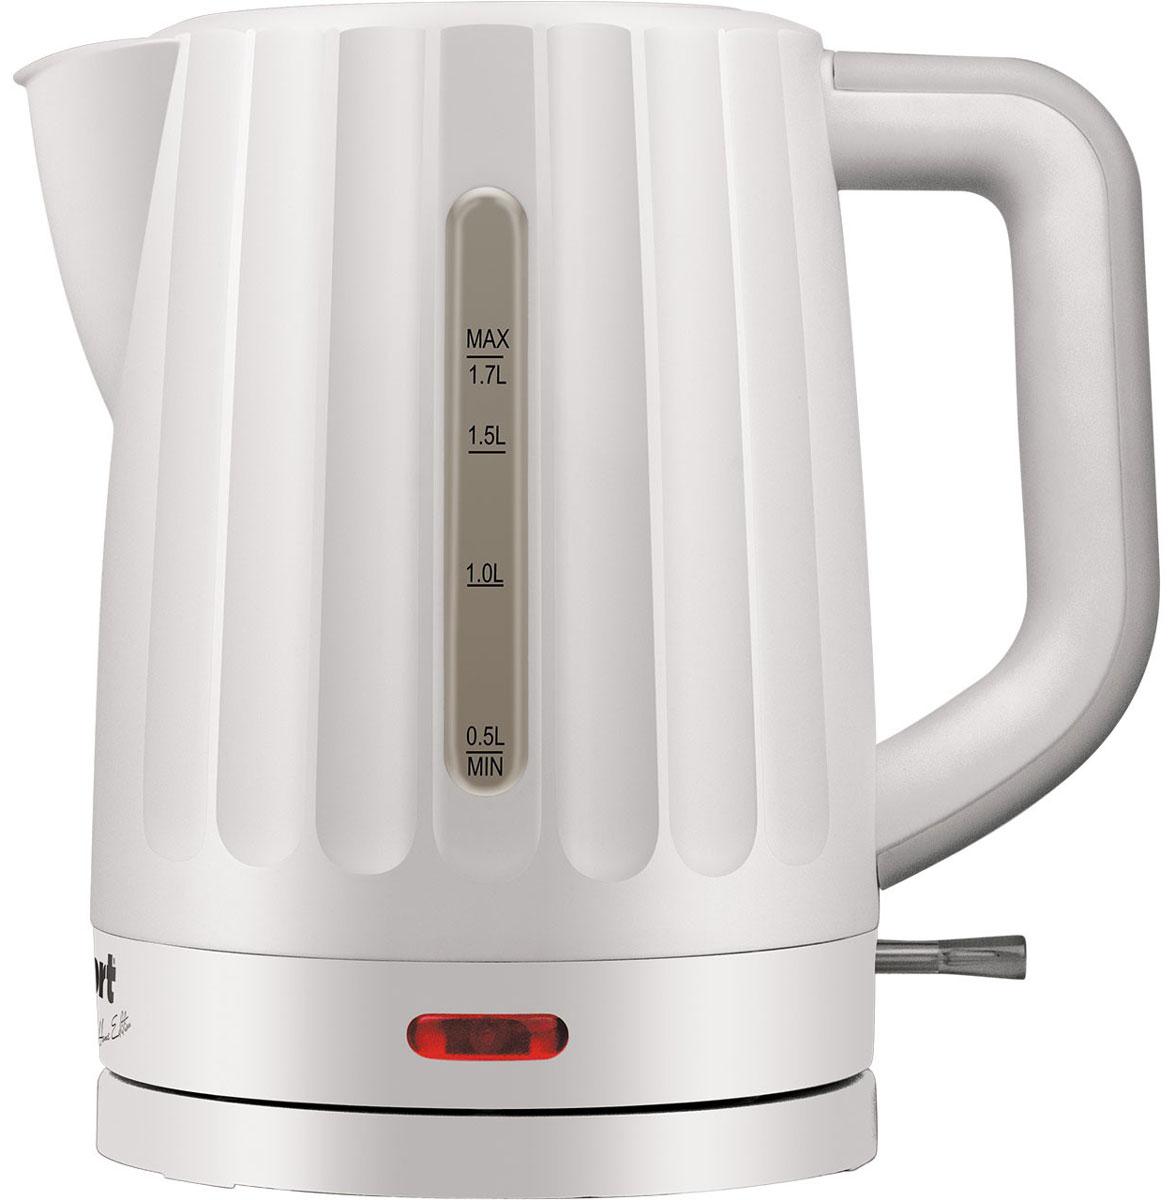 Bort BWK-2017P электрический чайник91276919Стильный чайник Bort BWK-2017P из высококачественной пластмассы позволит быстро вскипятить нужное количество воды. Широко открывающаяся крышка, легкоснимаемый мелкопористый фильтр и плоский нагревательный элемент - всё создано для комфортной эксплуатации и чистки чайника. Окошки контроля уровня воды, расположенные с левой и правой стороны чайника, удобны для левшей и правшей. Эргономичная ручка чайника настолько удобна, что вы легко и комфортно контролируете весь процесс. Длина кабеля: 0,5 м